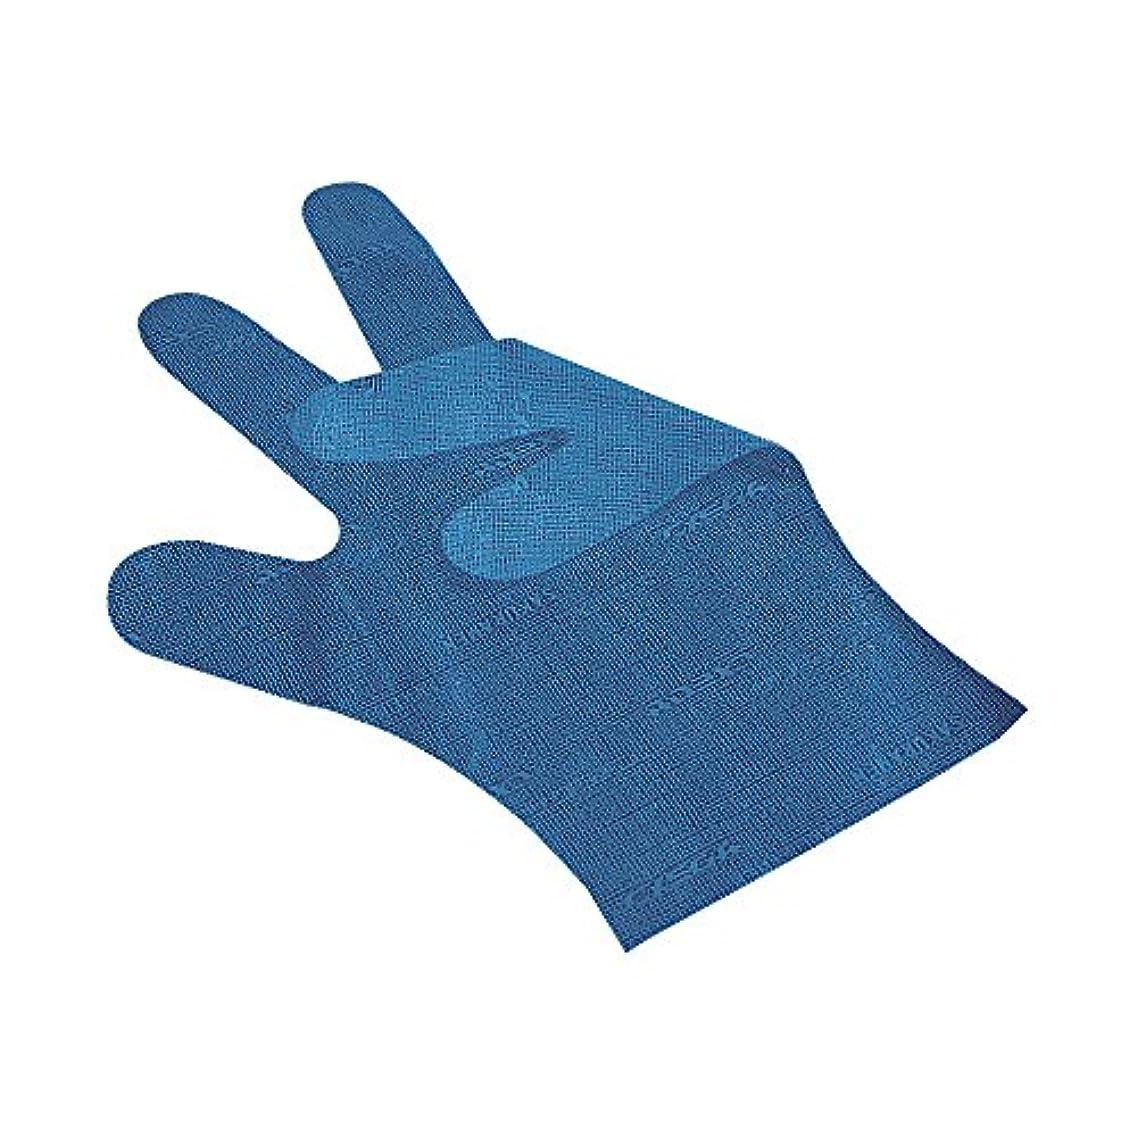 消えるハンマーアルカトラズ島サクラメンエンボス手袋 デラックス ブルー M 100枚入